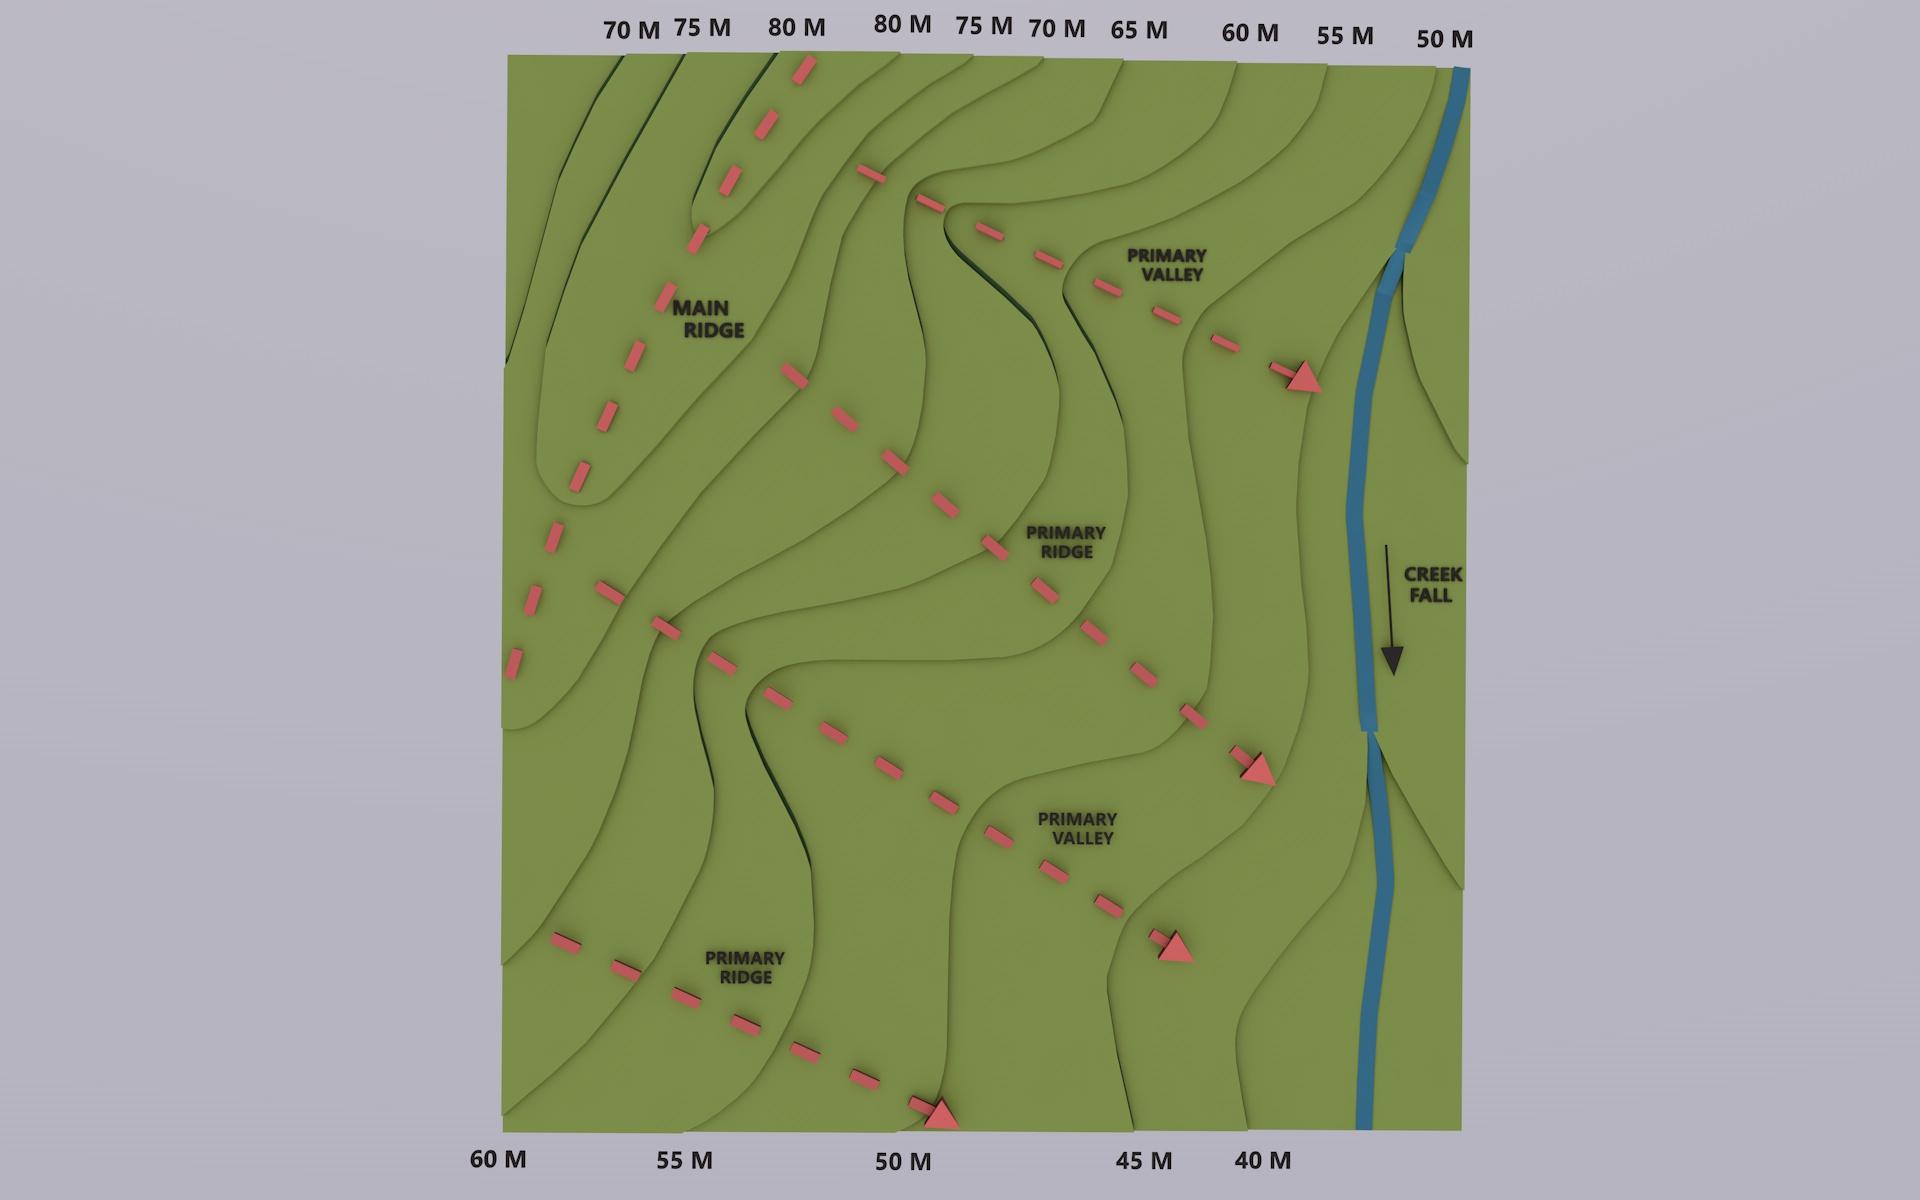 5 LAND_UNITS.jpg